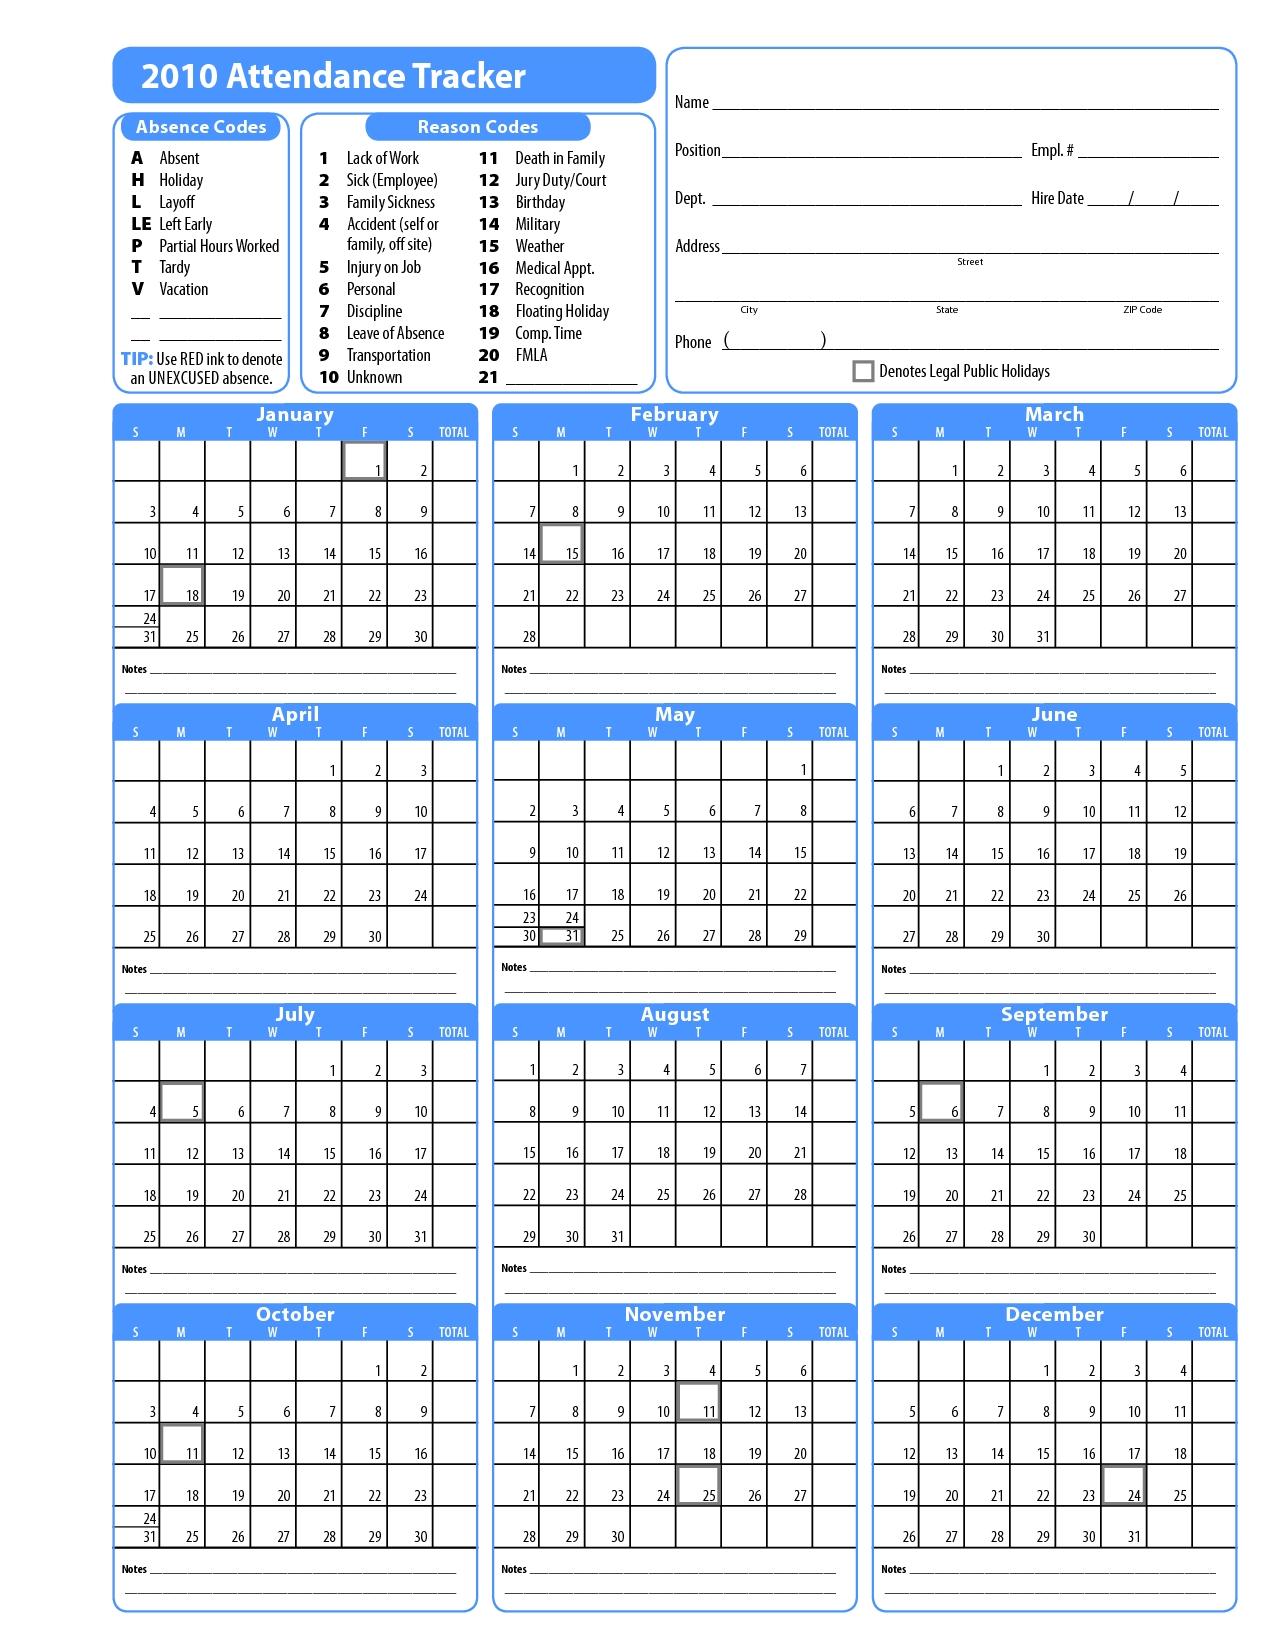 Excel Employee Attendance Calendar Template - Calendar